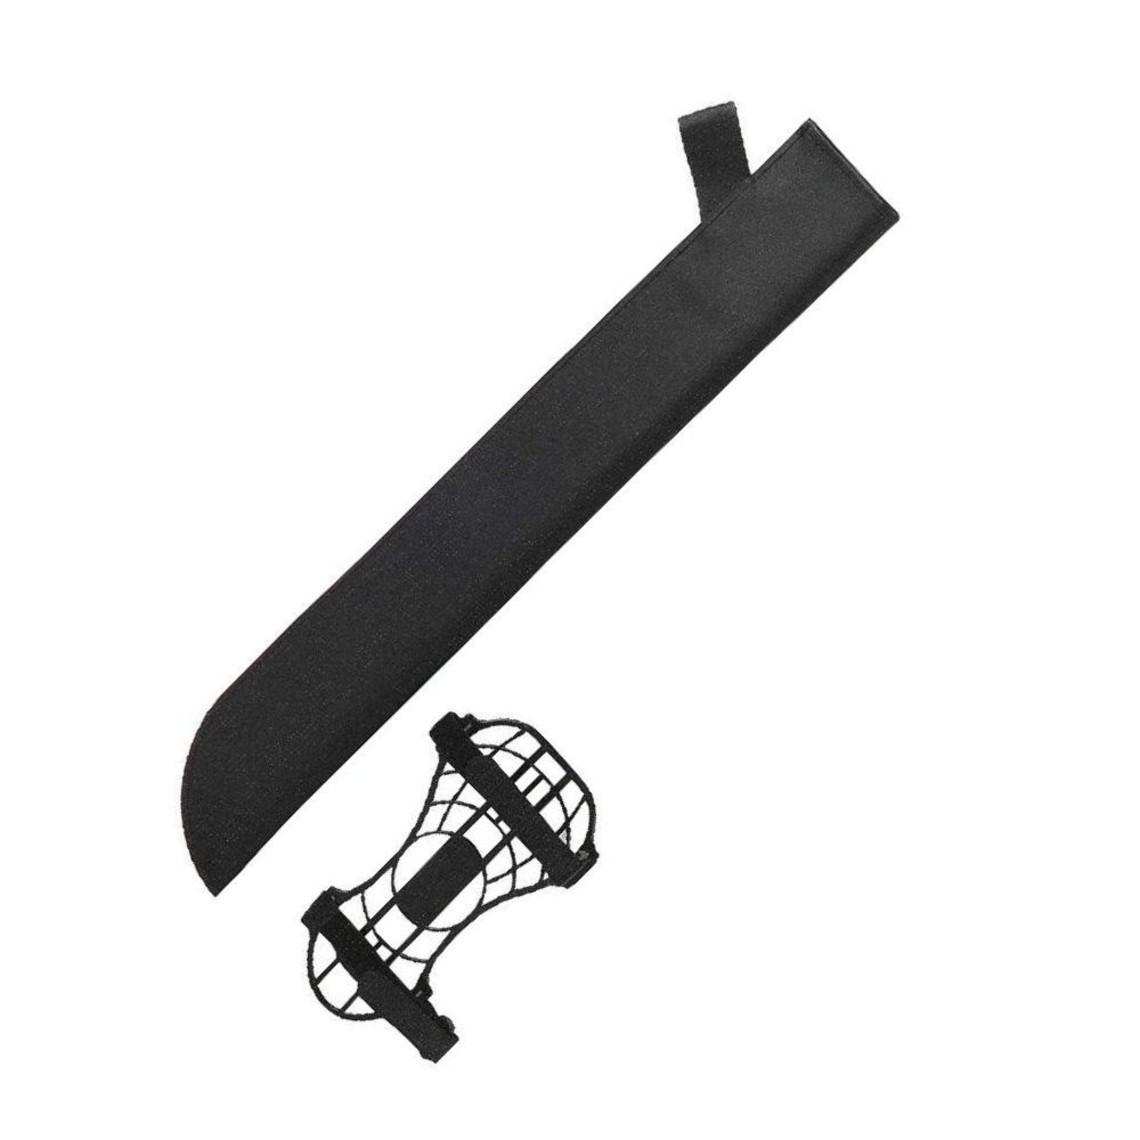 juego de tiro con arco completo para niños, 93 cm